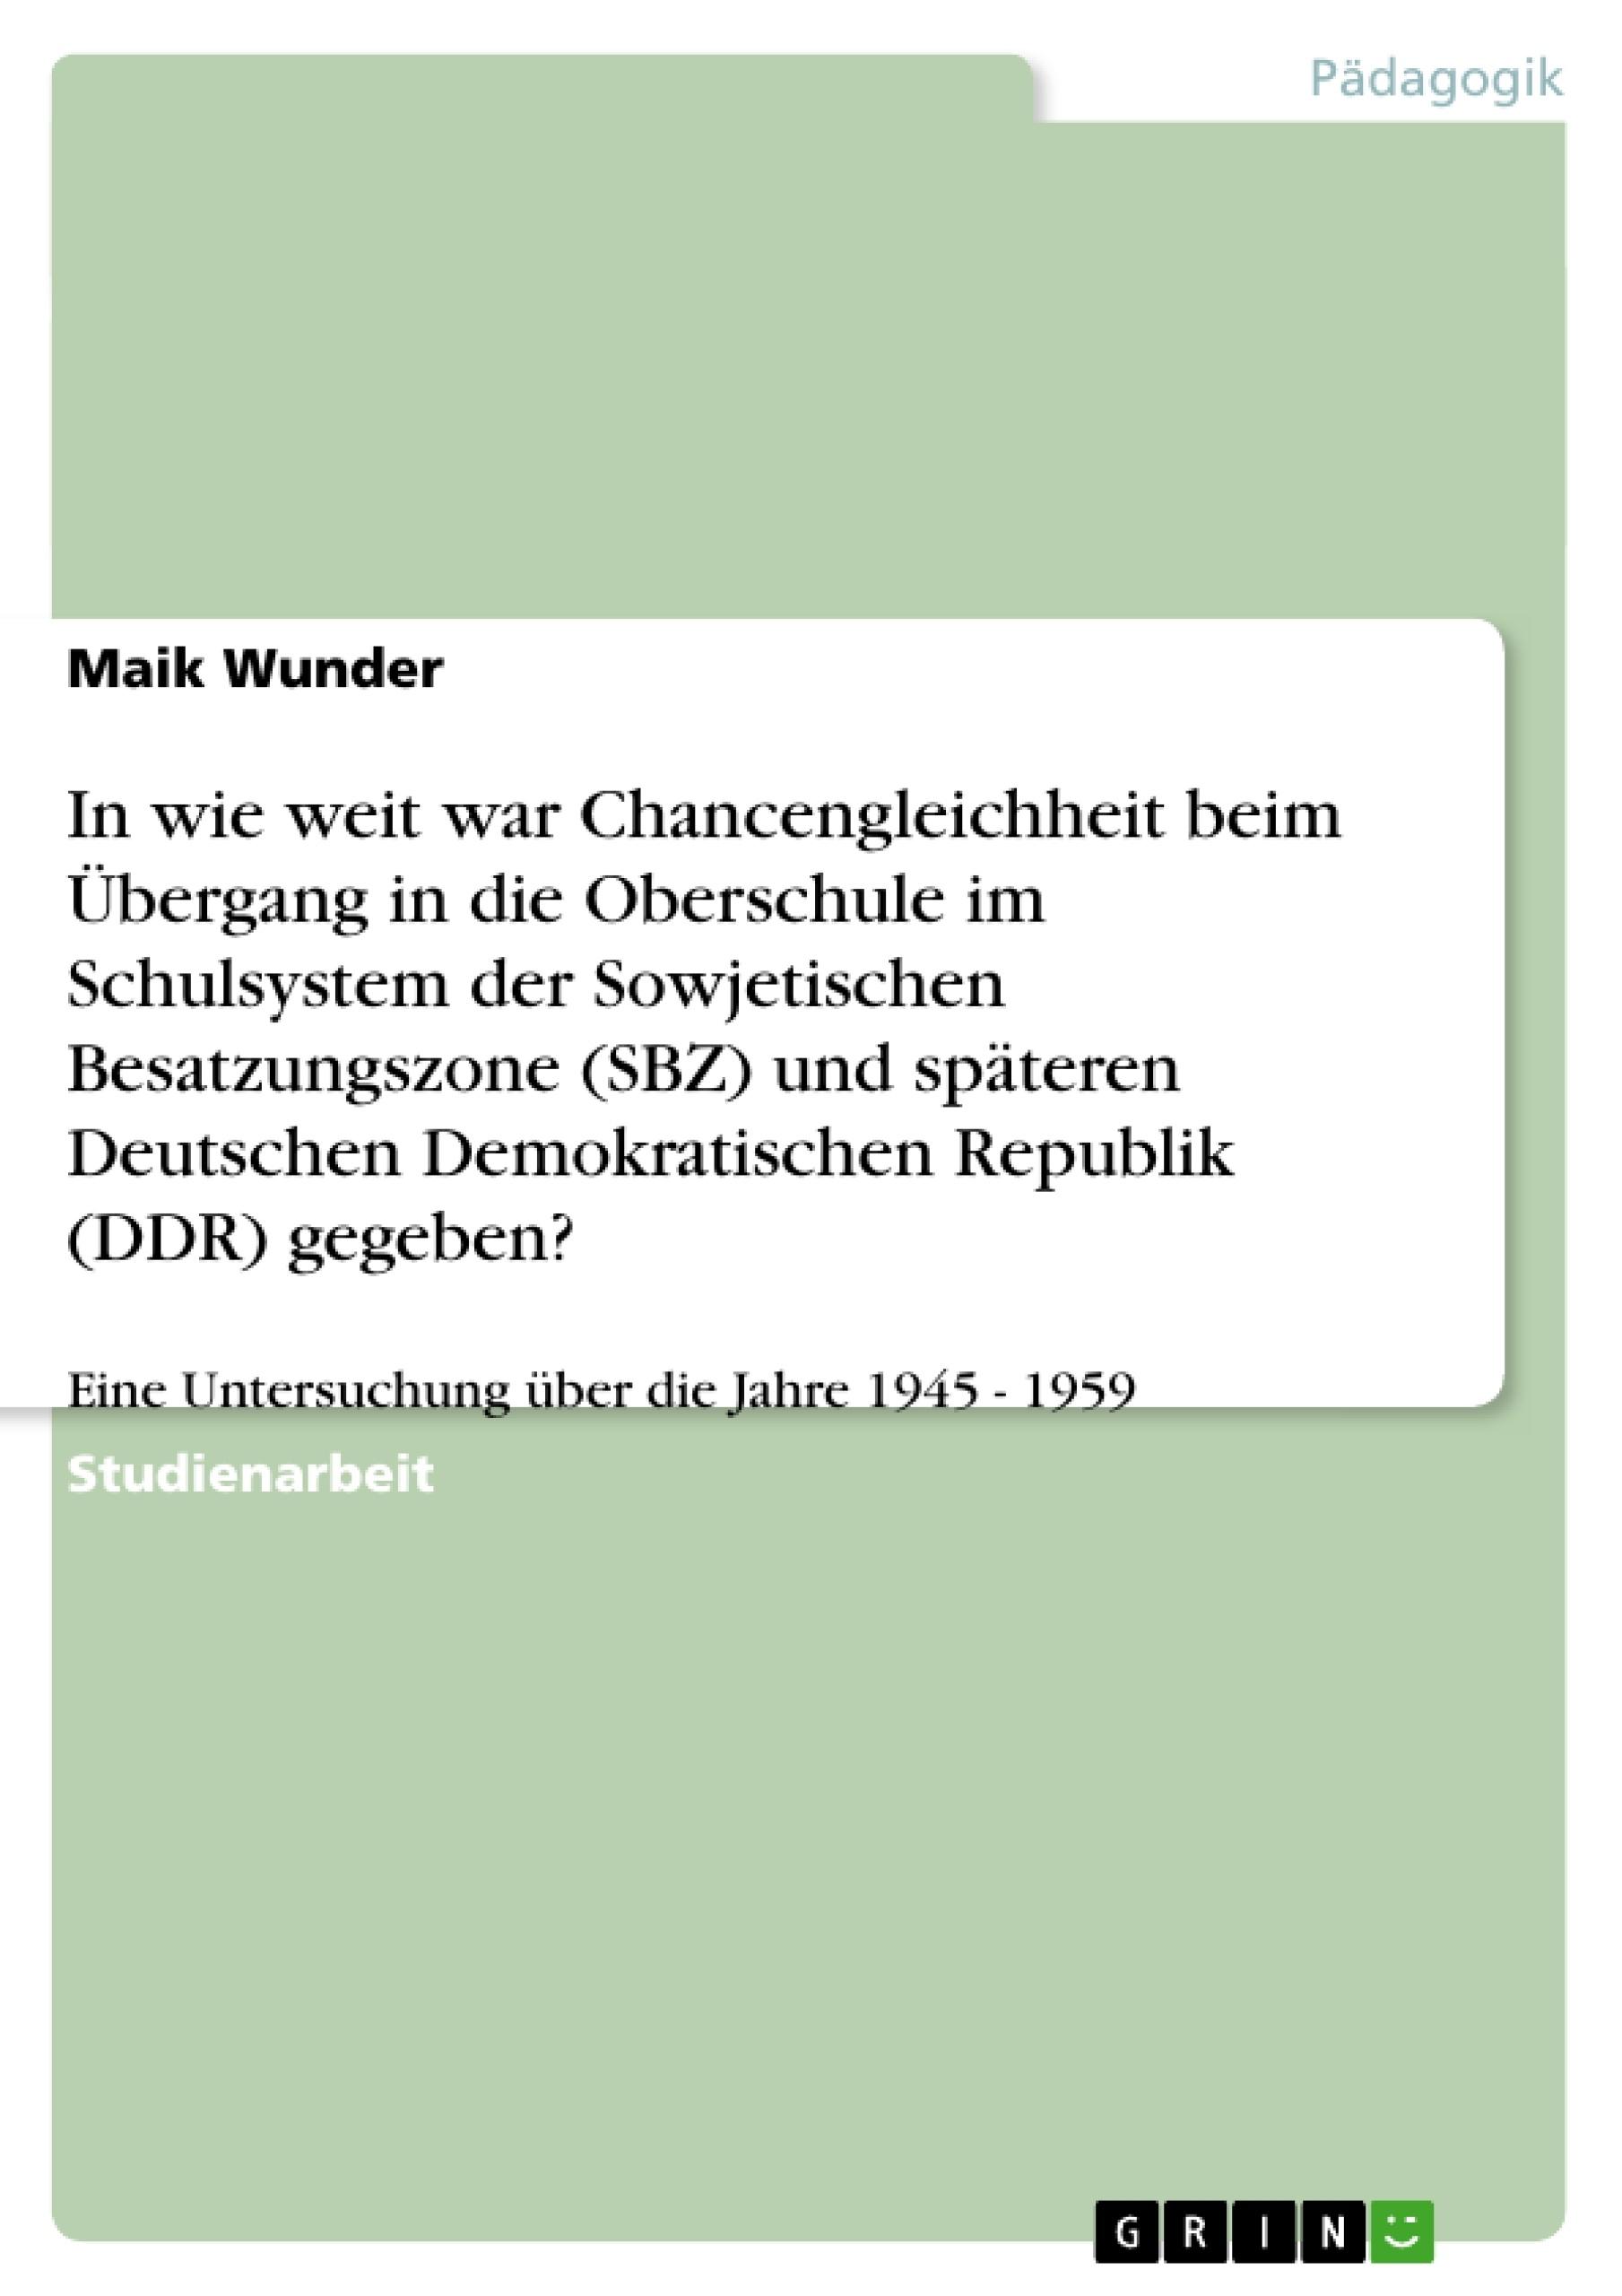 Titel: In wie weit war Chancengleichheit beim Übergang in die Oberschule im Schulsystem der Sowjetischen Besatzungszone (SBZ) und späteren Deutschen Demokratischen Republik (DDR) gegeben?